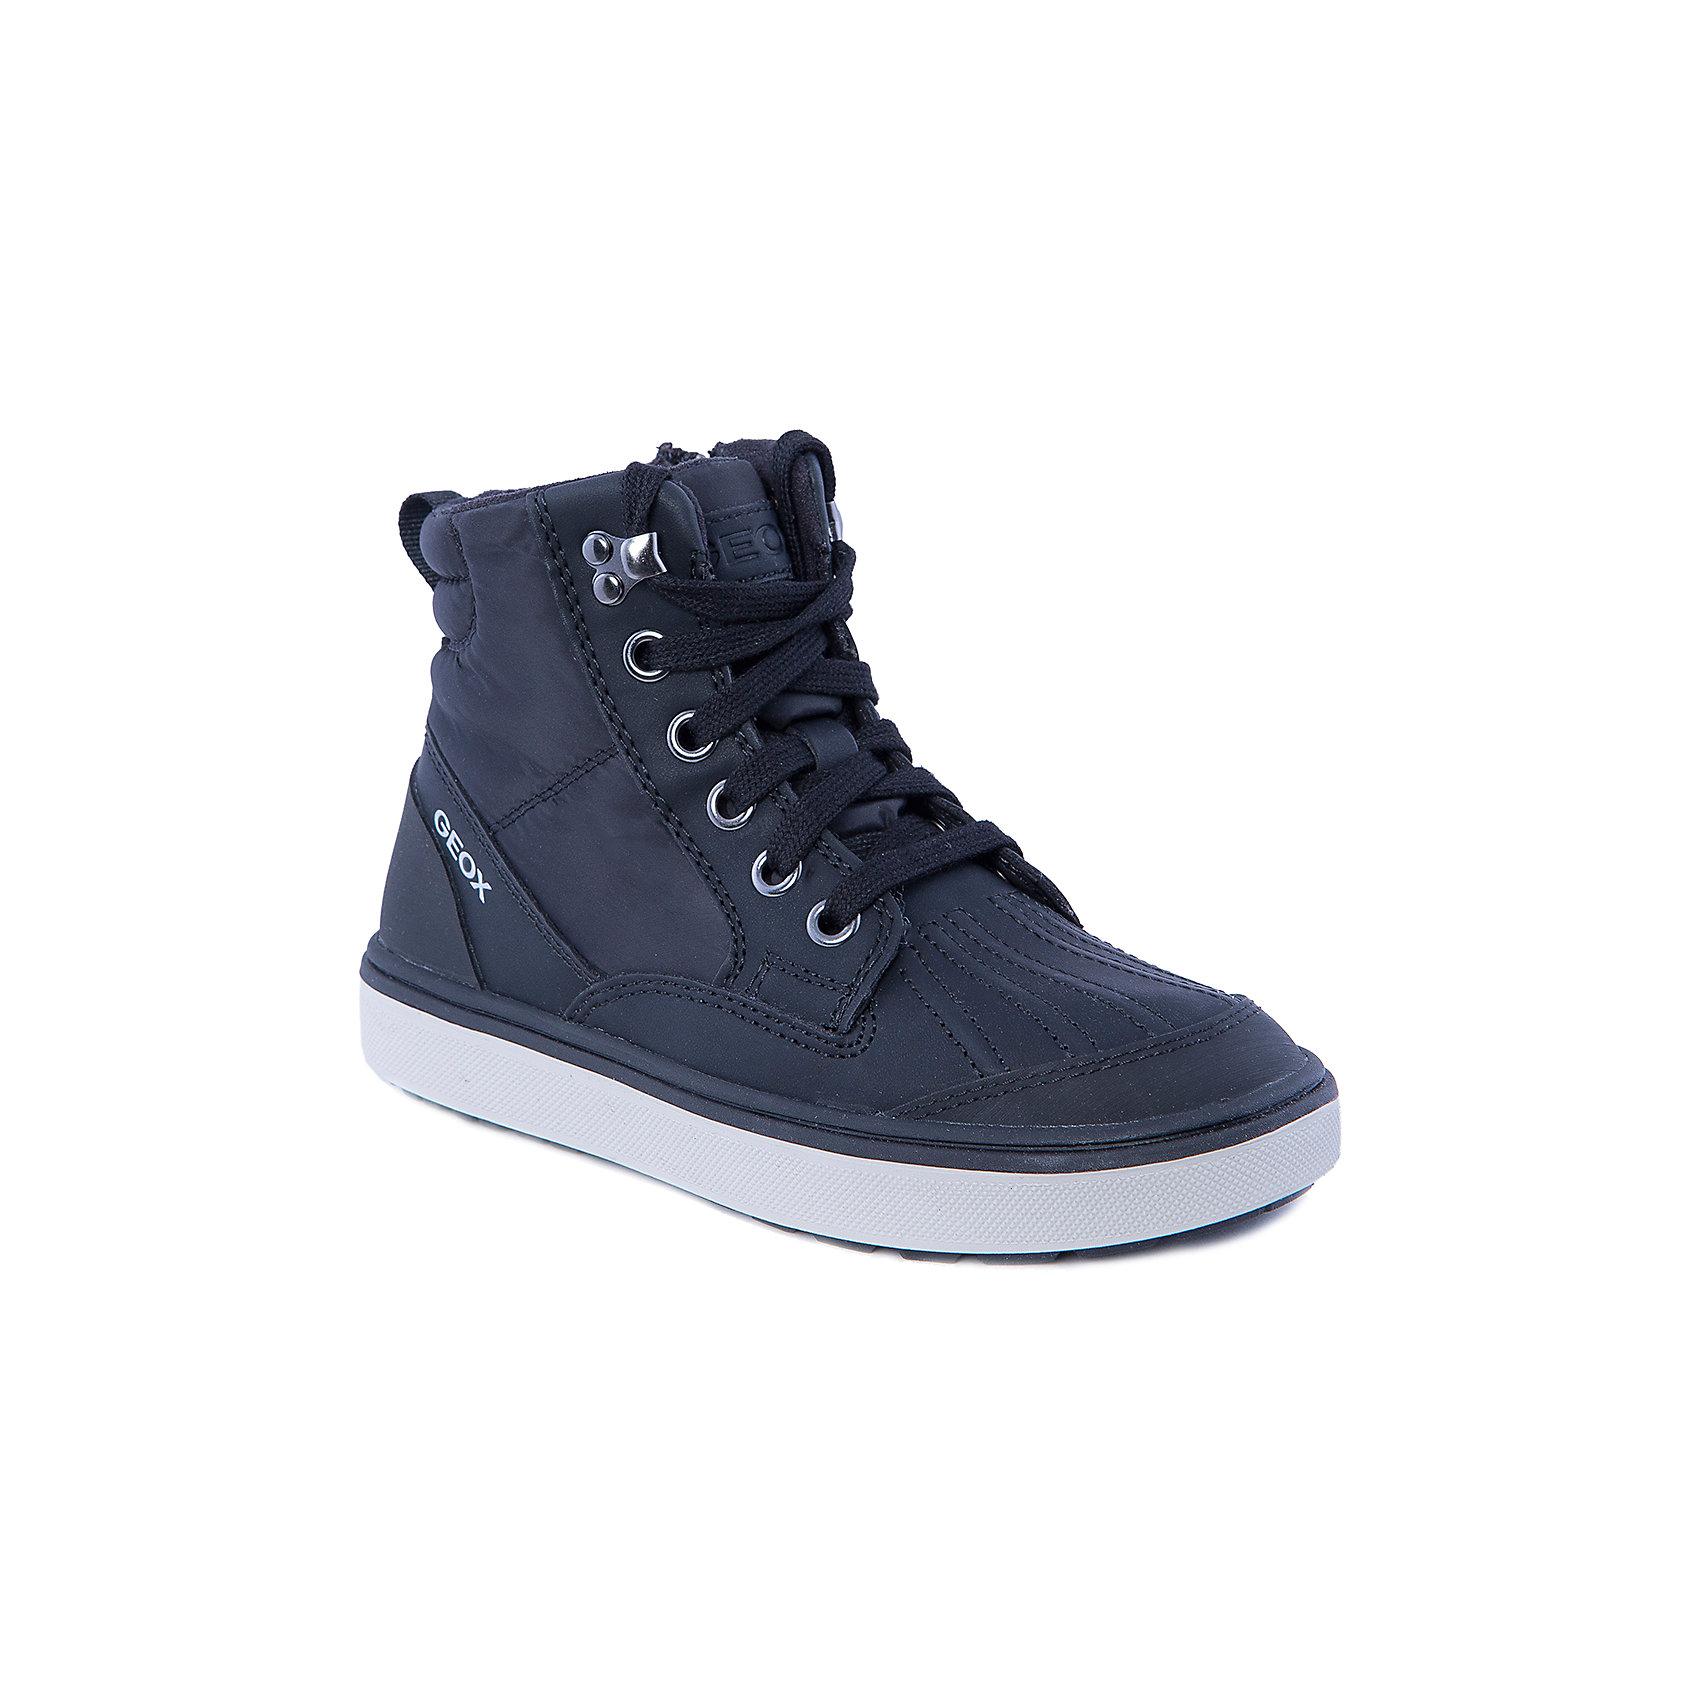 Кеды для мальчика GEOXКеды для мальчика от популярной марки GEOX.<br>Модные и удобные черные кеды сделаны по уникальной технологии. Производитель обуви GEOX разработал специальную дышащую подошву, которая не пропускает влагу внутрь, а также высокотехнологичную стельку. Стелька в данной модели - теплая.<br>Отличительные особенности модели:<br>- гибкая водоотталкивающая подошва с дышащей мембраной;<br>- мягкий и легкий верх;<br>- эргономичная форма;<br>- удобная застежка-молния и шнуровка;<br>- комфортное облегание;<br>- ударопрочная антибактериальная стелька;<br>- защита пятки и пальцев;<br>- верх обуви и подкладка сделаны без использования хрома.<br>Дополнительная информация:<br>- Температурный режим: от - 10° С  до + 15° С.<br>- Состав:<br>материал верха: синтетический материал, текстиль<br>материал подкладки: синтетический материал, текстиль<br>подошва: полимер.<br>Кеды для мальчика GEOX (Геокс) можно купить в нашем магазине.<br><br>Ширина мм: 257<br>Глубина мм: 180<br>Высота мм: 130<br>Вес г: 420<br>Цвет: черный<br>Возраст от месяцев: 84<br>Возраст до месяцев: 96<br>Пол: Мужской<br>Возраст: Детский<br>Размер: 31,34,37,38,36,35,30,32,33<br>SKU: 4178470